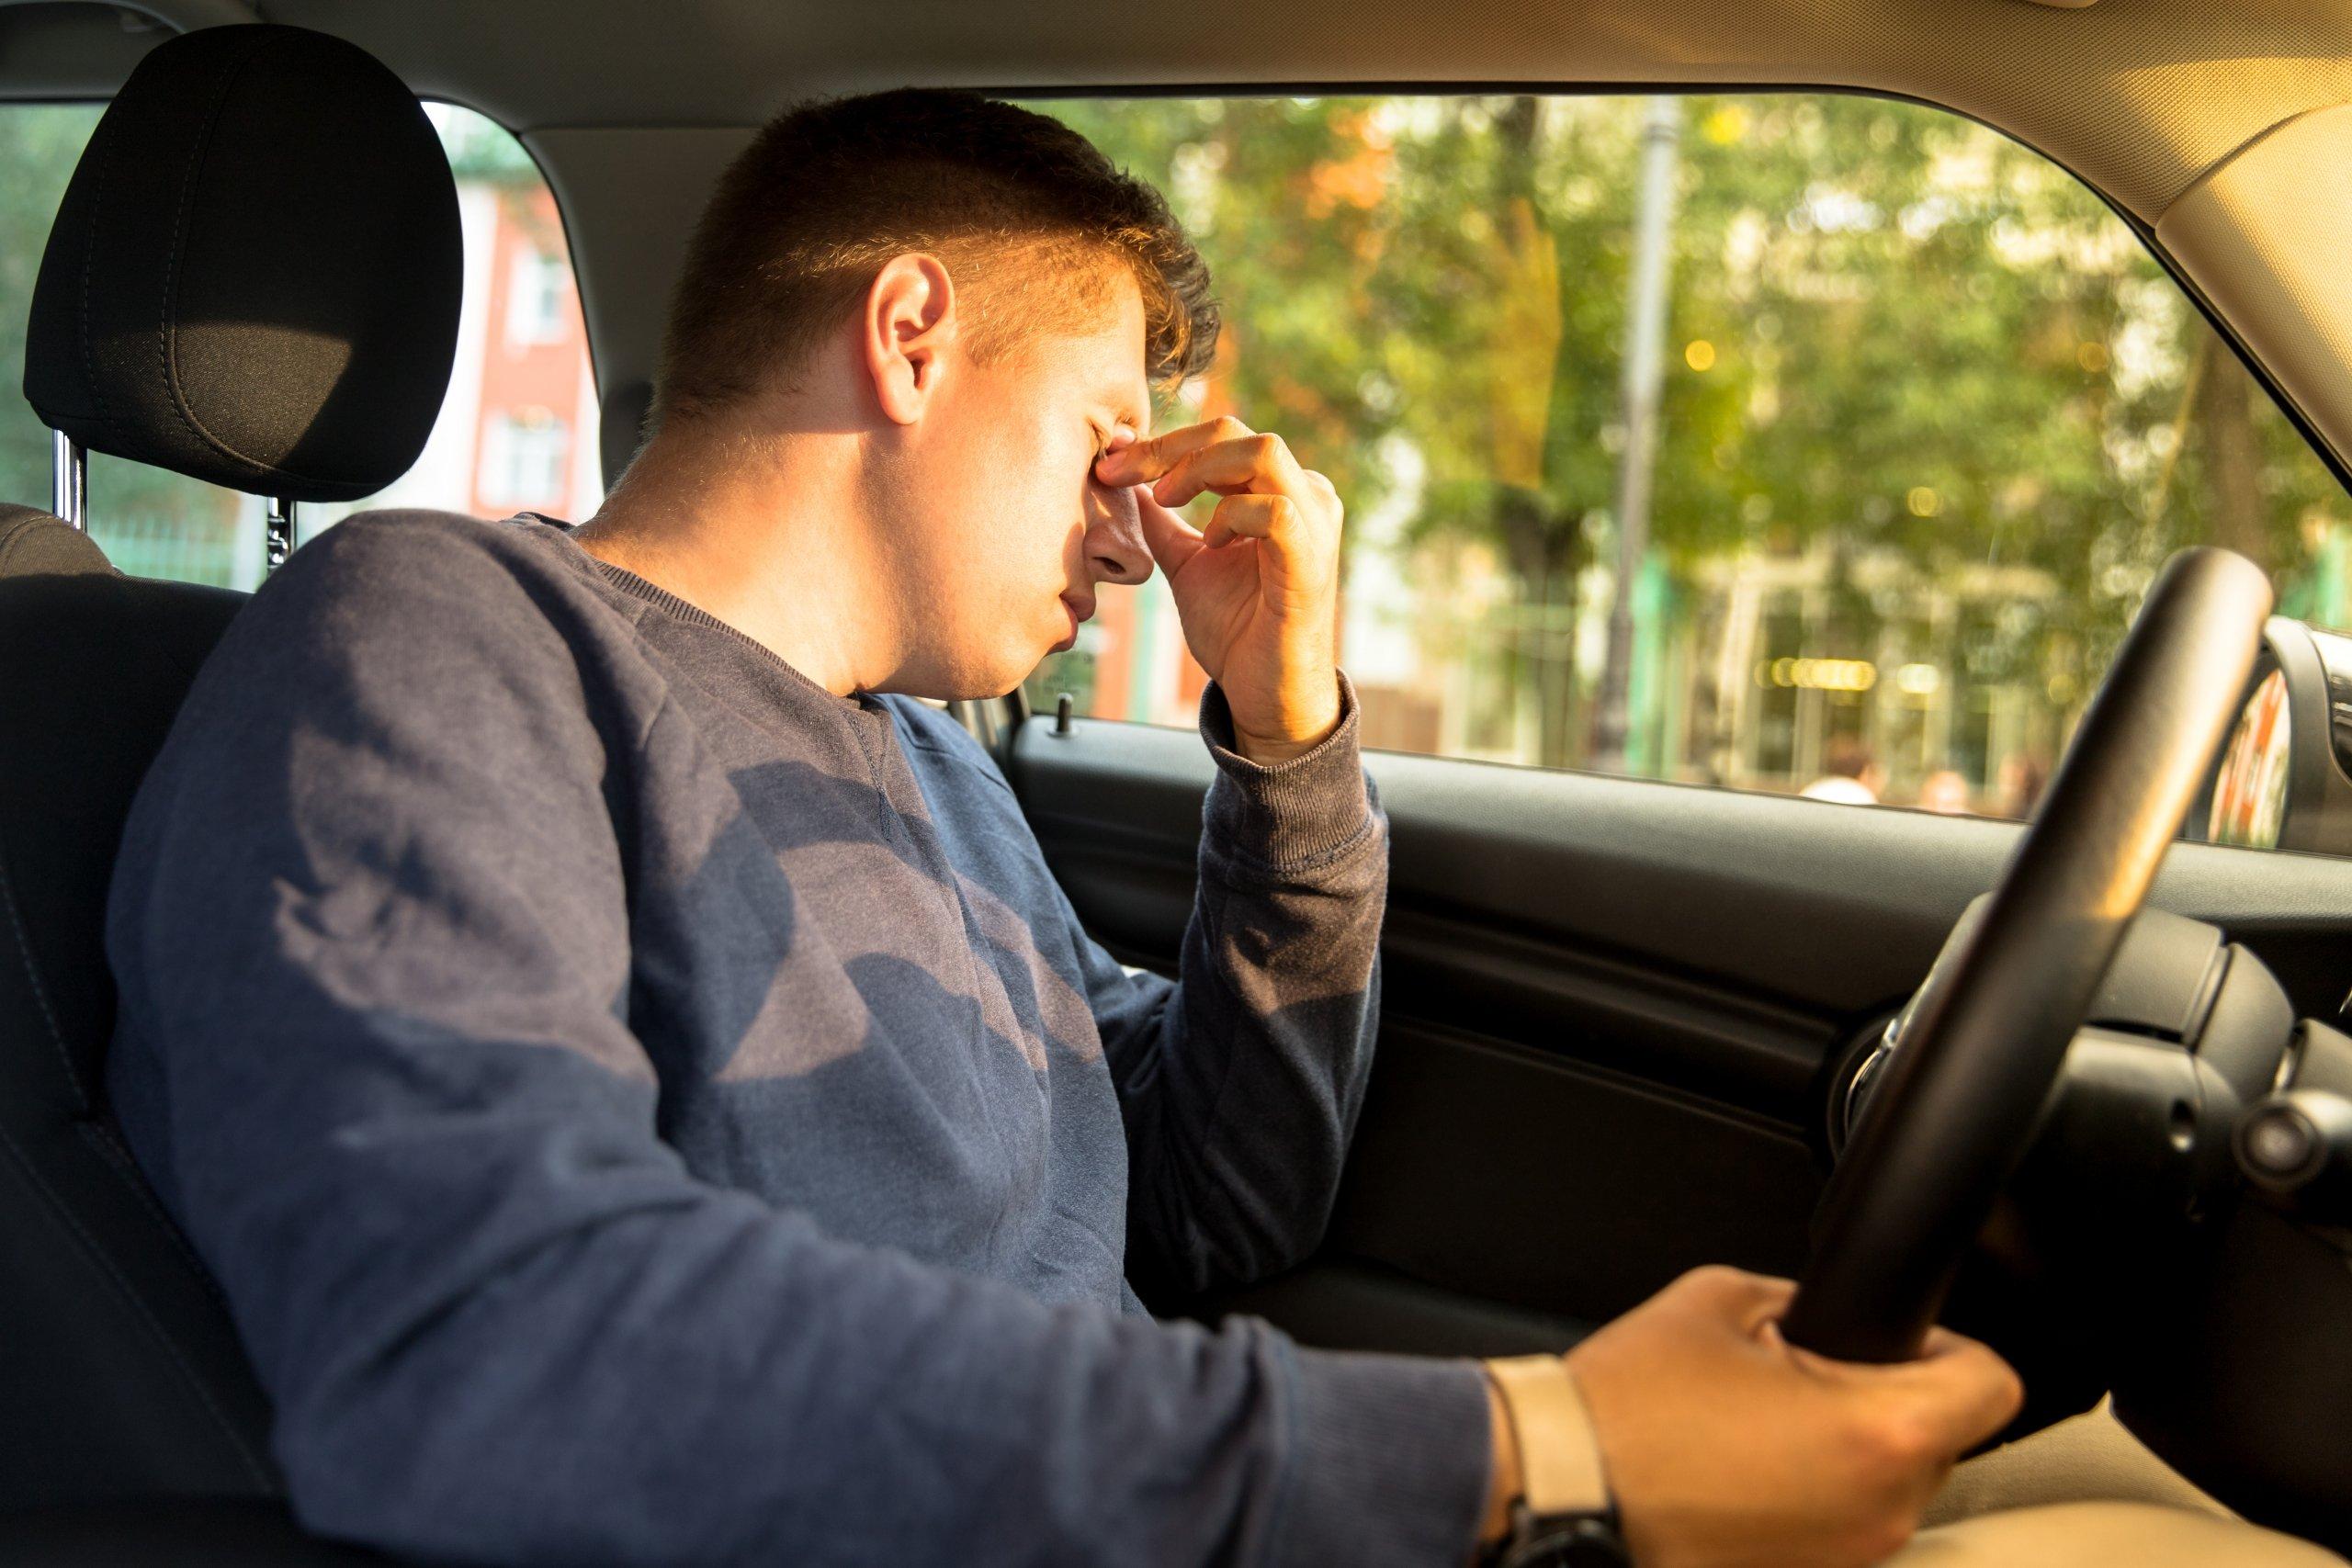 sleepy teen age driver